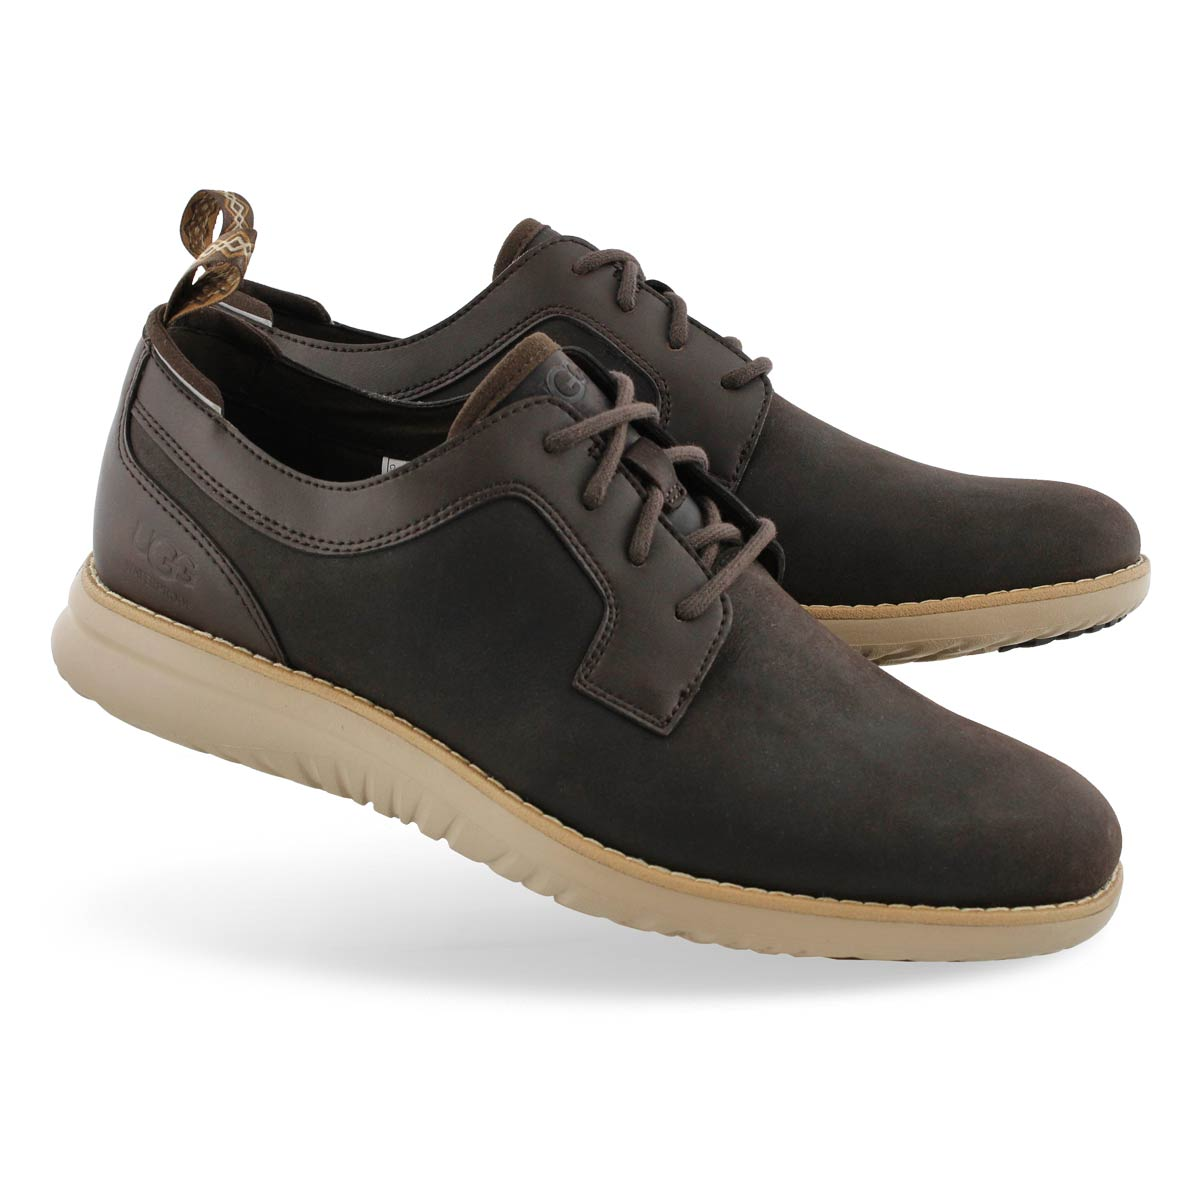 Chaussure lacée UNIONDERBY imperméable stout homme